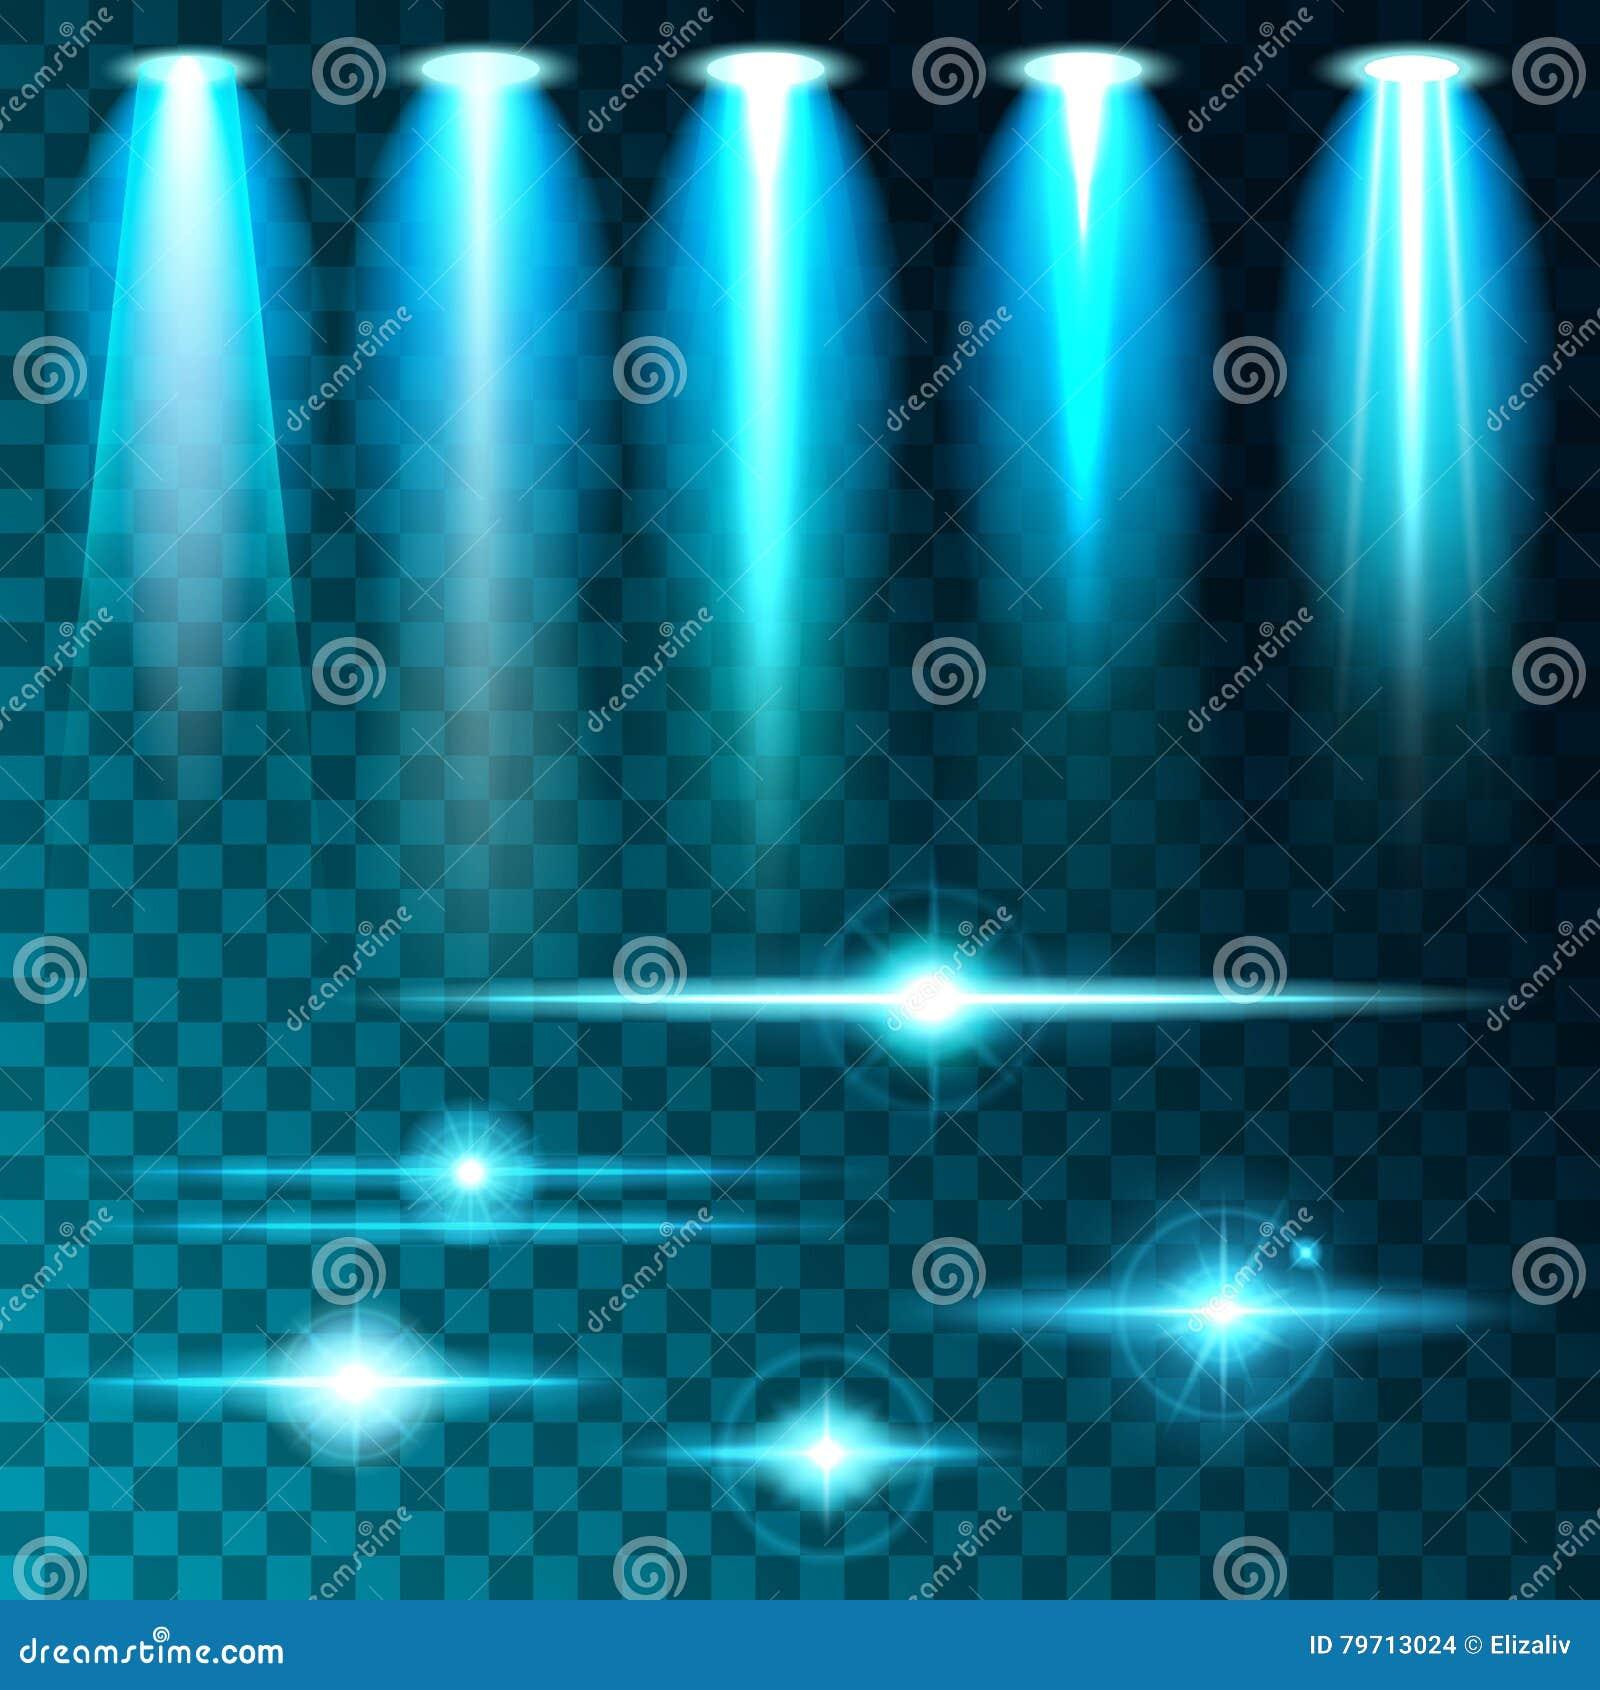 Ljus ilsken blick för fastställt realistiskt ljust sken av ljusa lampor, uppsättning av olika former och projektioner på en mörk